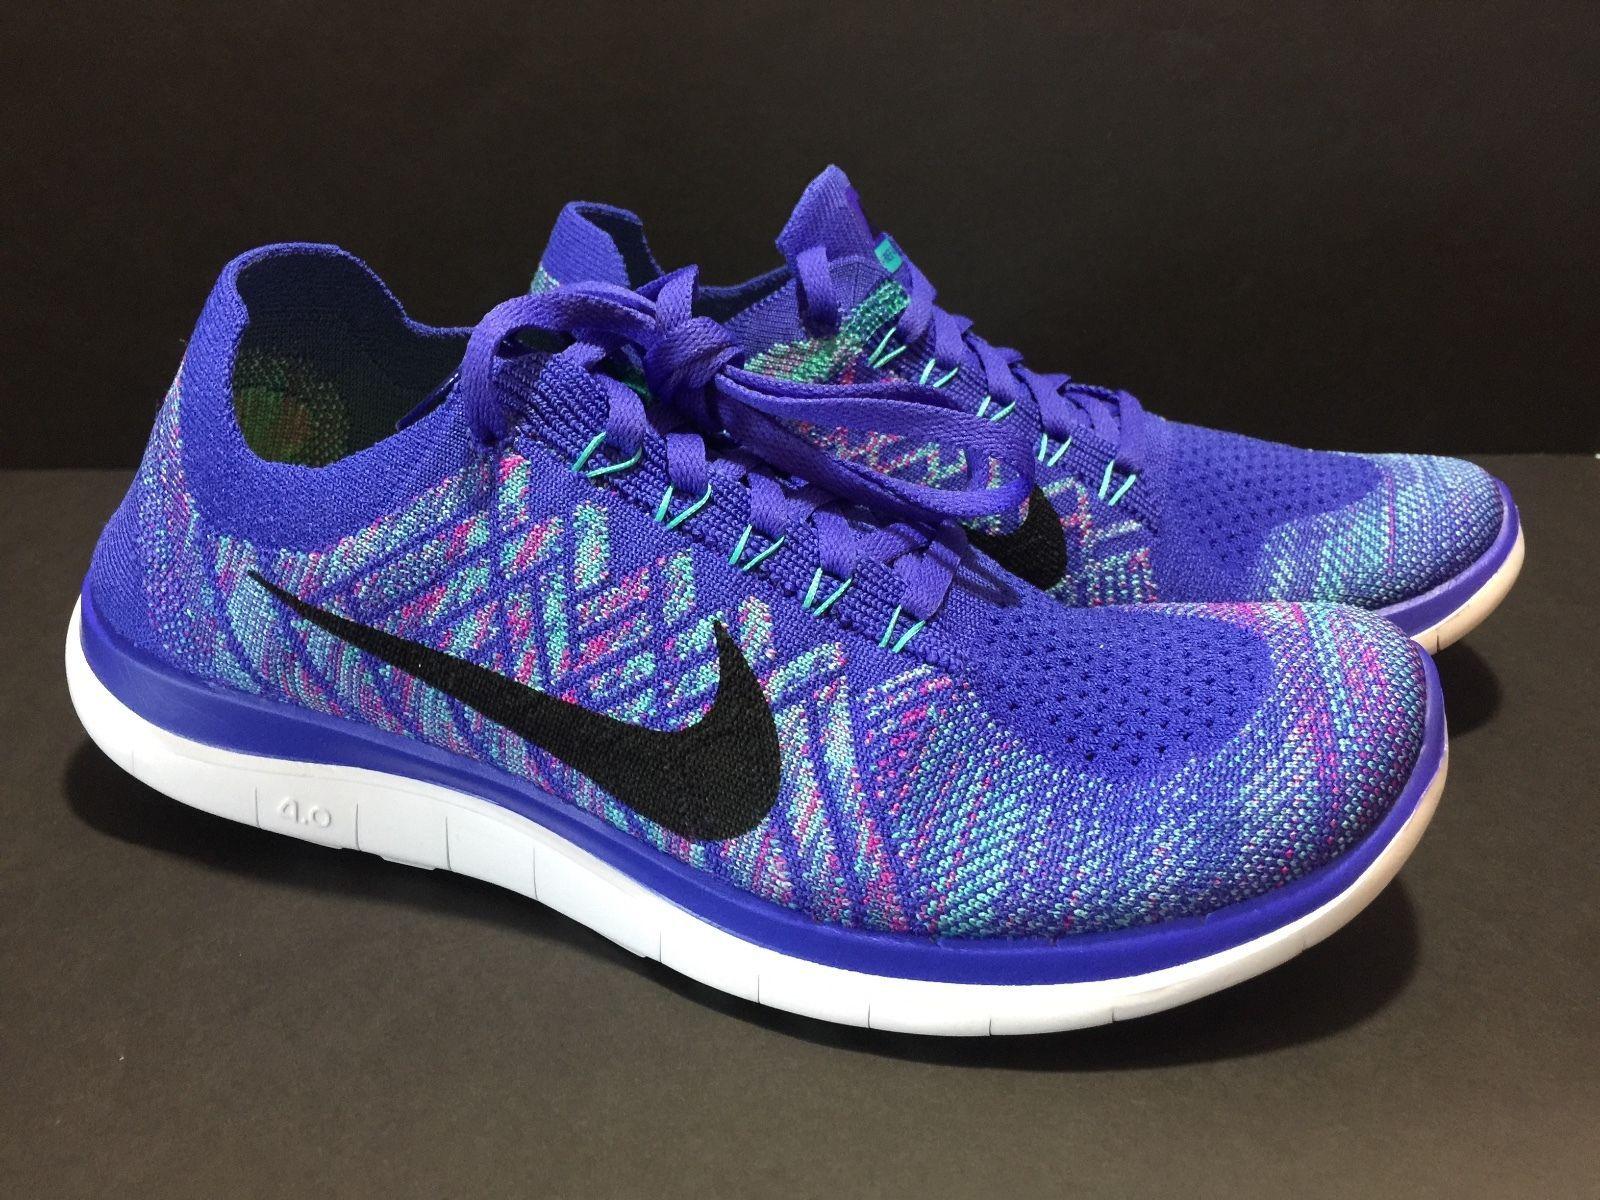 Nike Women's Free 4.0 Flyknit Running Shoes - Purple Blue/Purple K64x9666